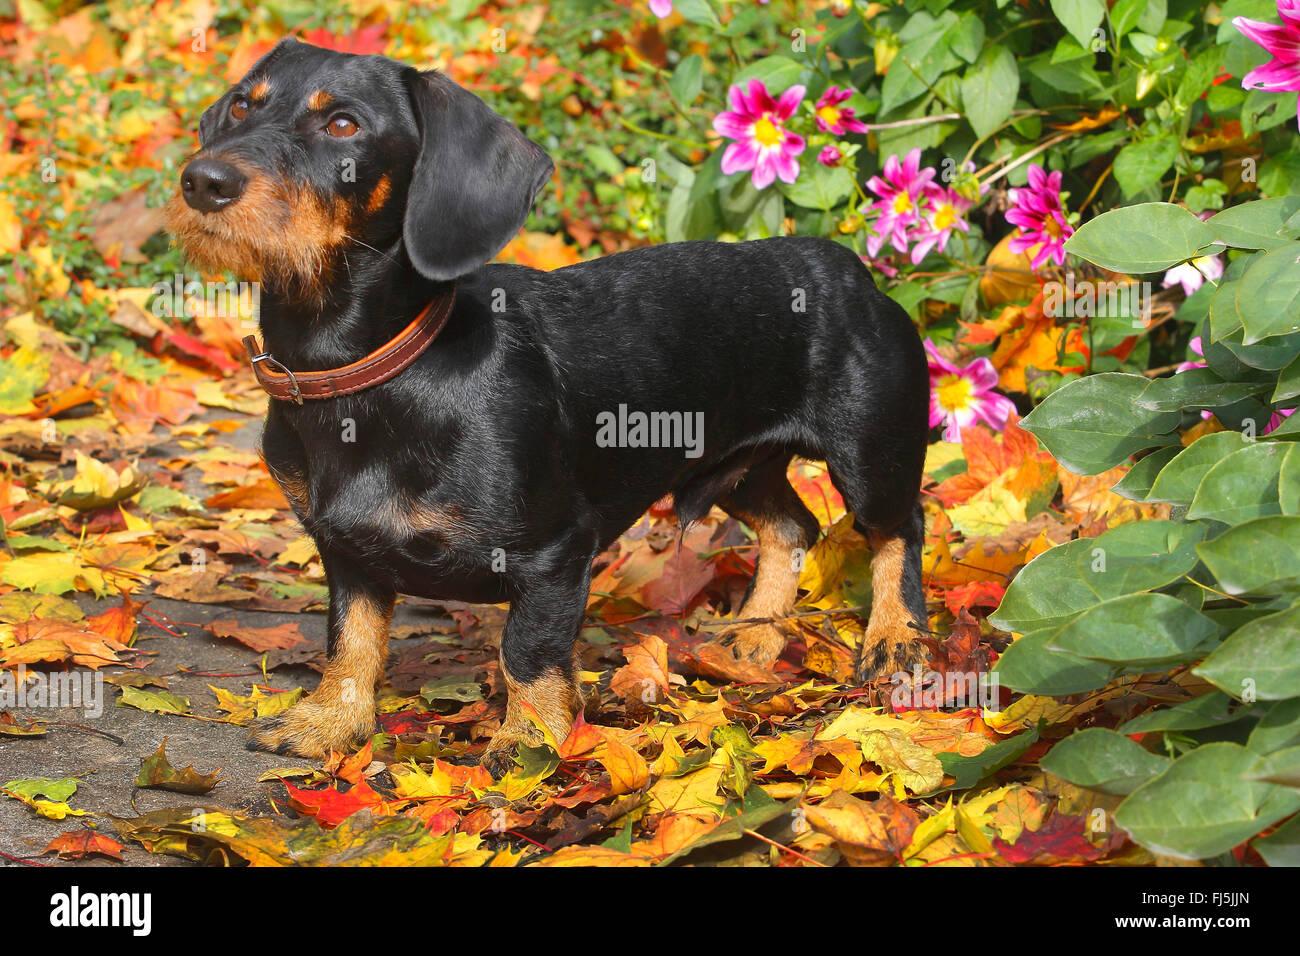 Teckel à poil dur, chien saucisse à poil dur, chien domestique (Canis lupus f. familiaris), noir et feu Photo Stock